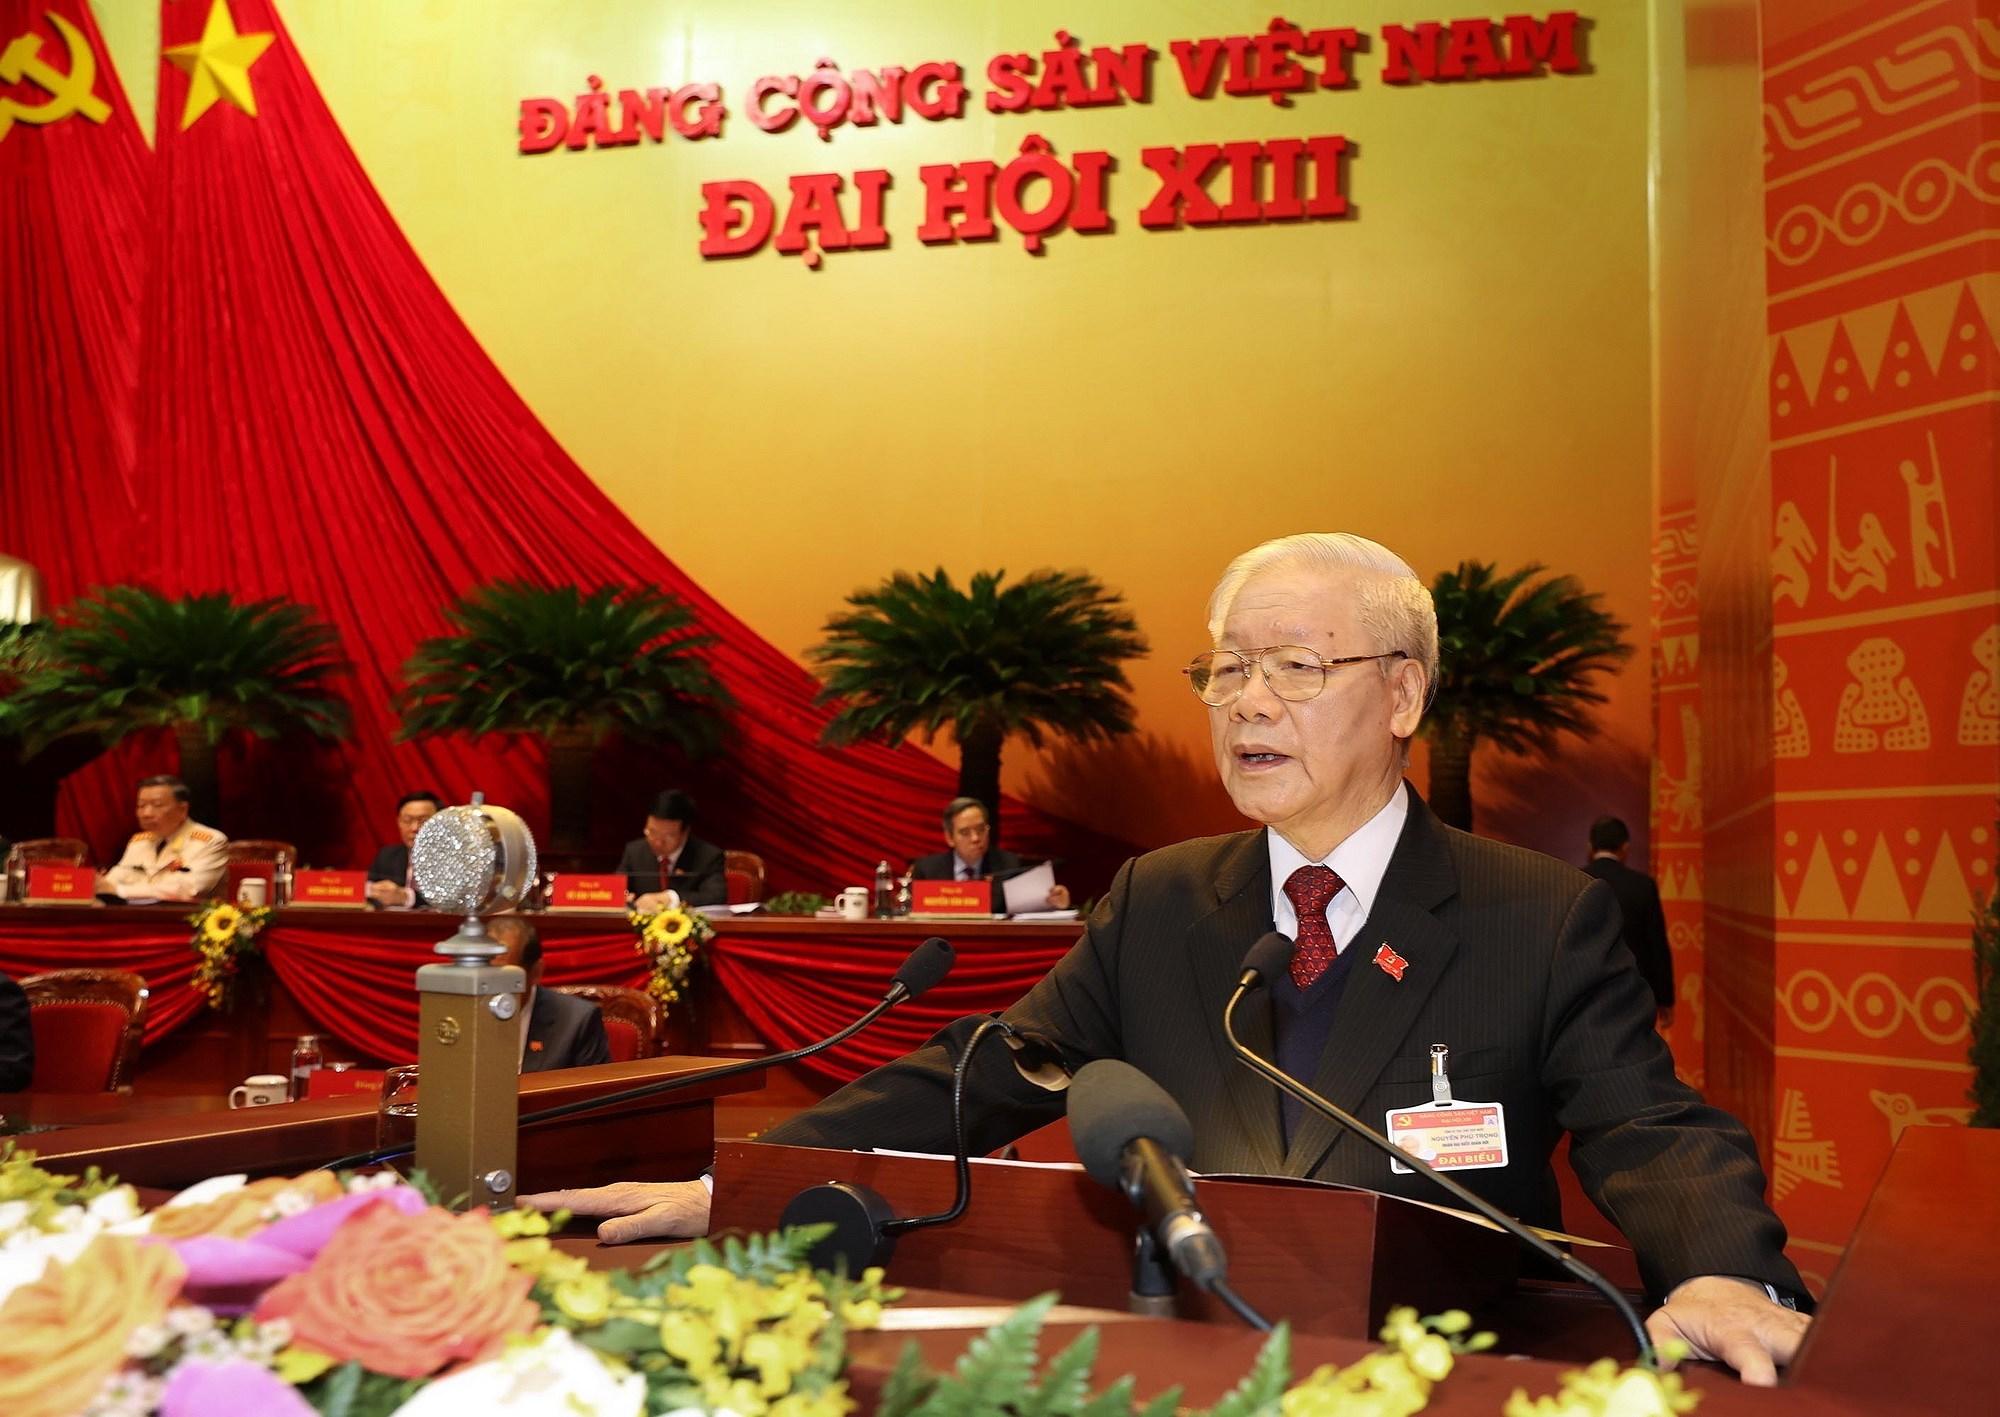 Khai mac Dai hoi Dang XIII - Dau moc quan trong trong phat trien Dang hinh anh 1